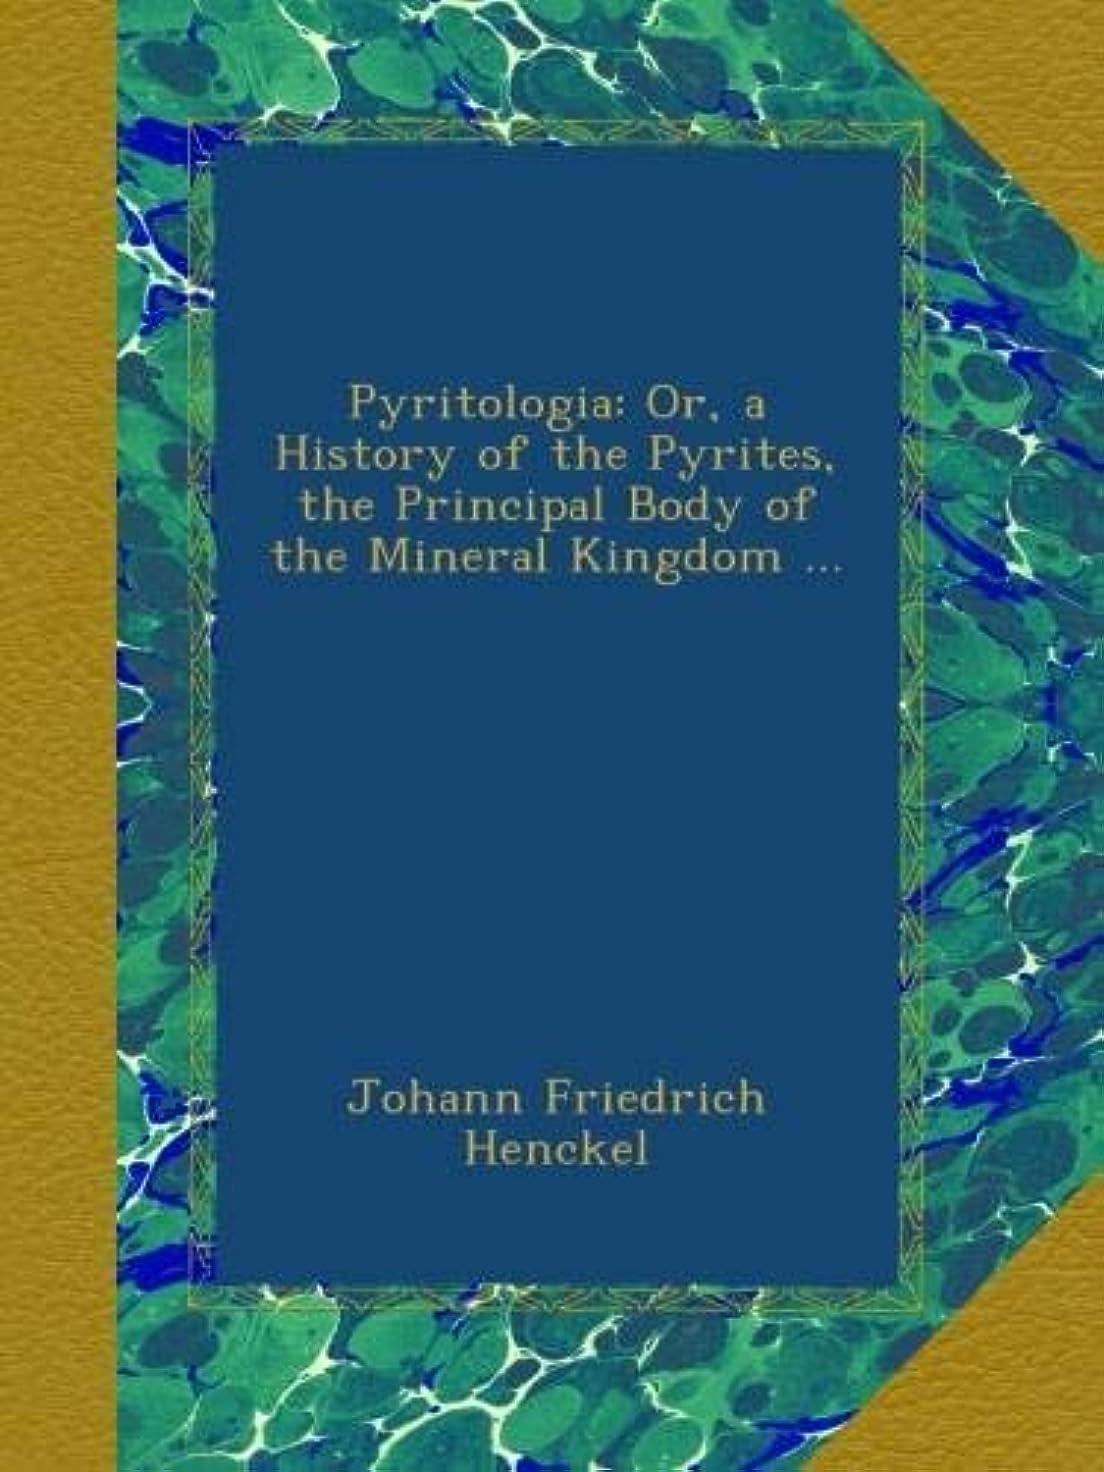 火曜日一次遊具Pyritologia: Or, a History of the Pyrites, the Principal Body of the Mineral Kingdom ...